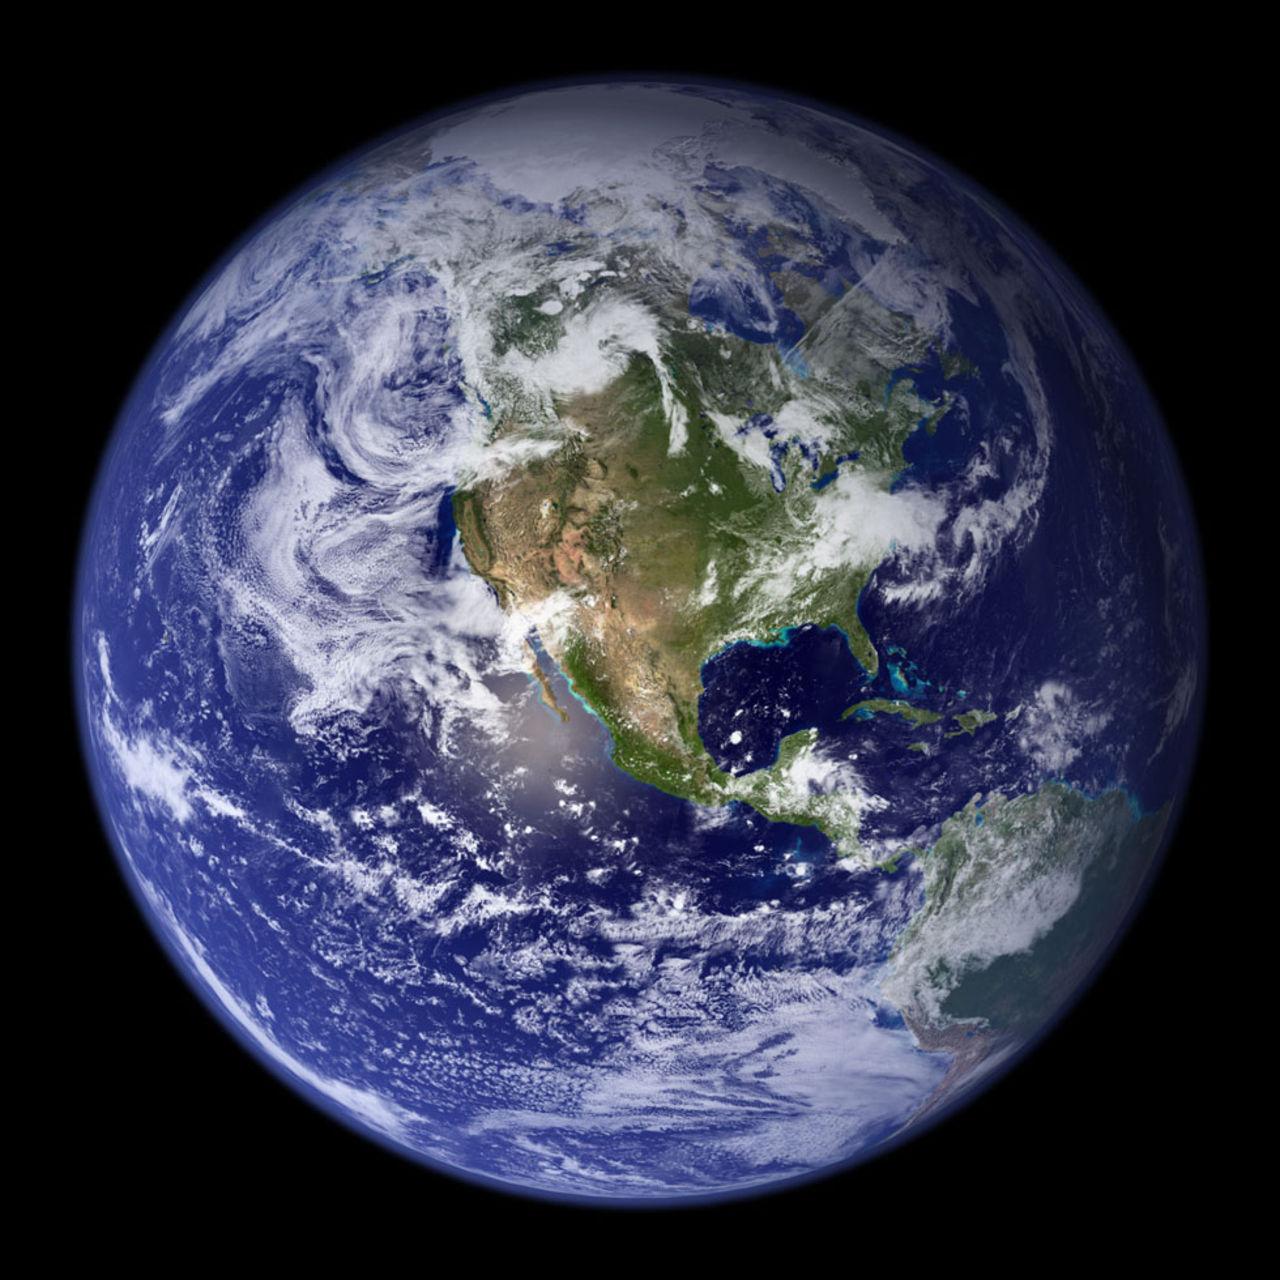 I dag har vi förbrukat jordens resurser för i år